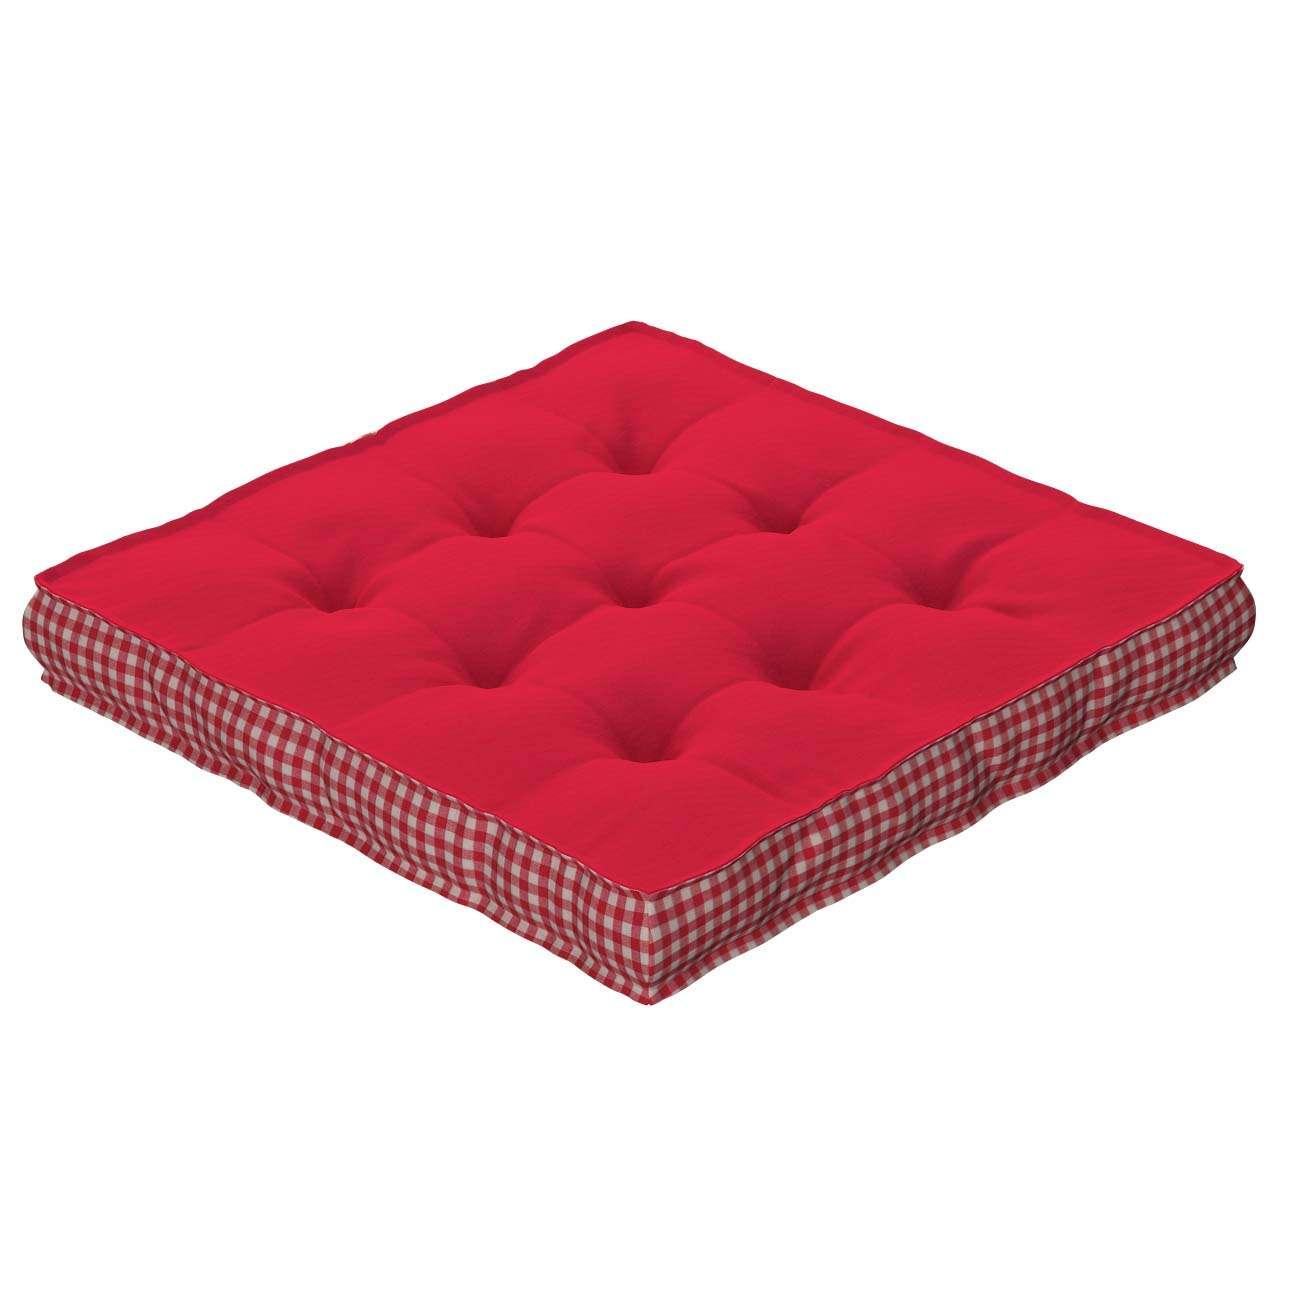 Siedzisko Kuba na krzesło 40x40x6cm w kolekcji Quadro, tkanina: 136-19